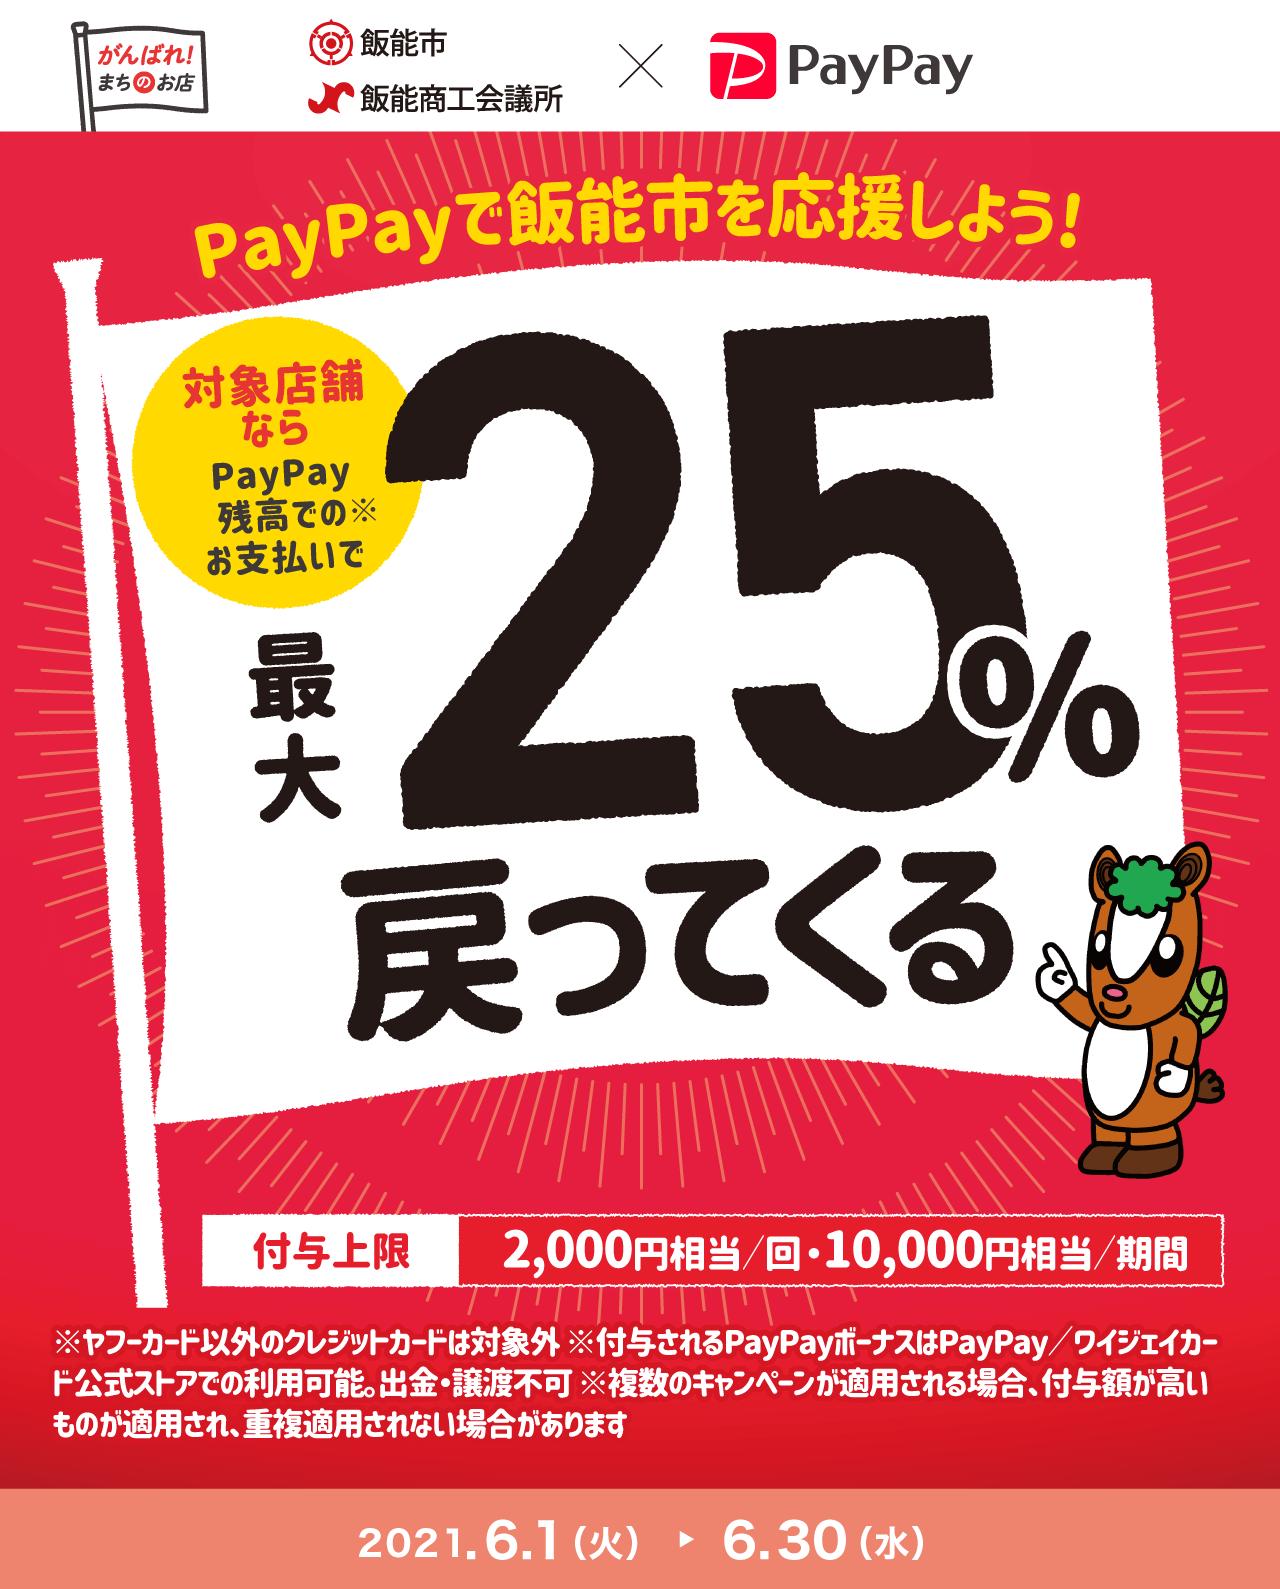 PayPayで飯能市を応援しよう!対象店舗ならPayPay残高でのお支払いで最大25%戻ってくる